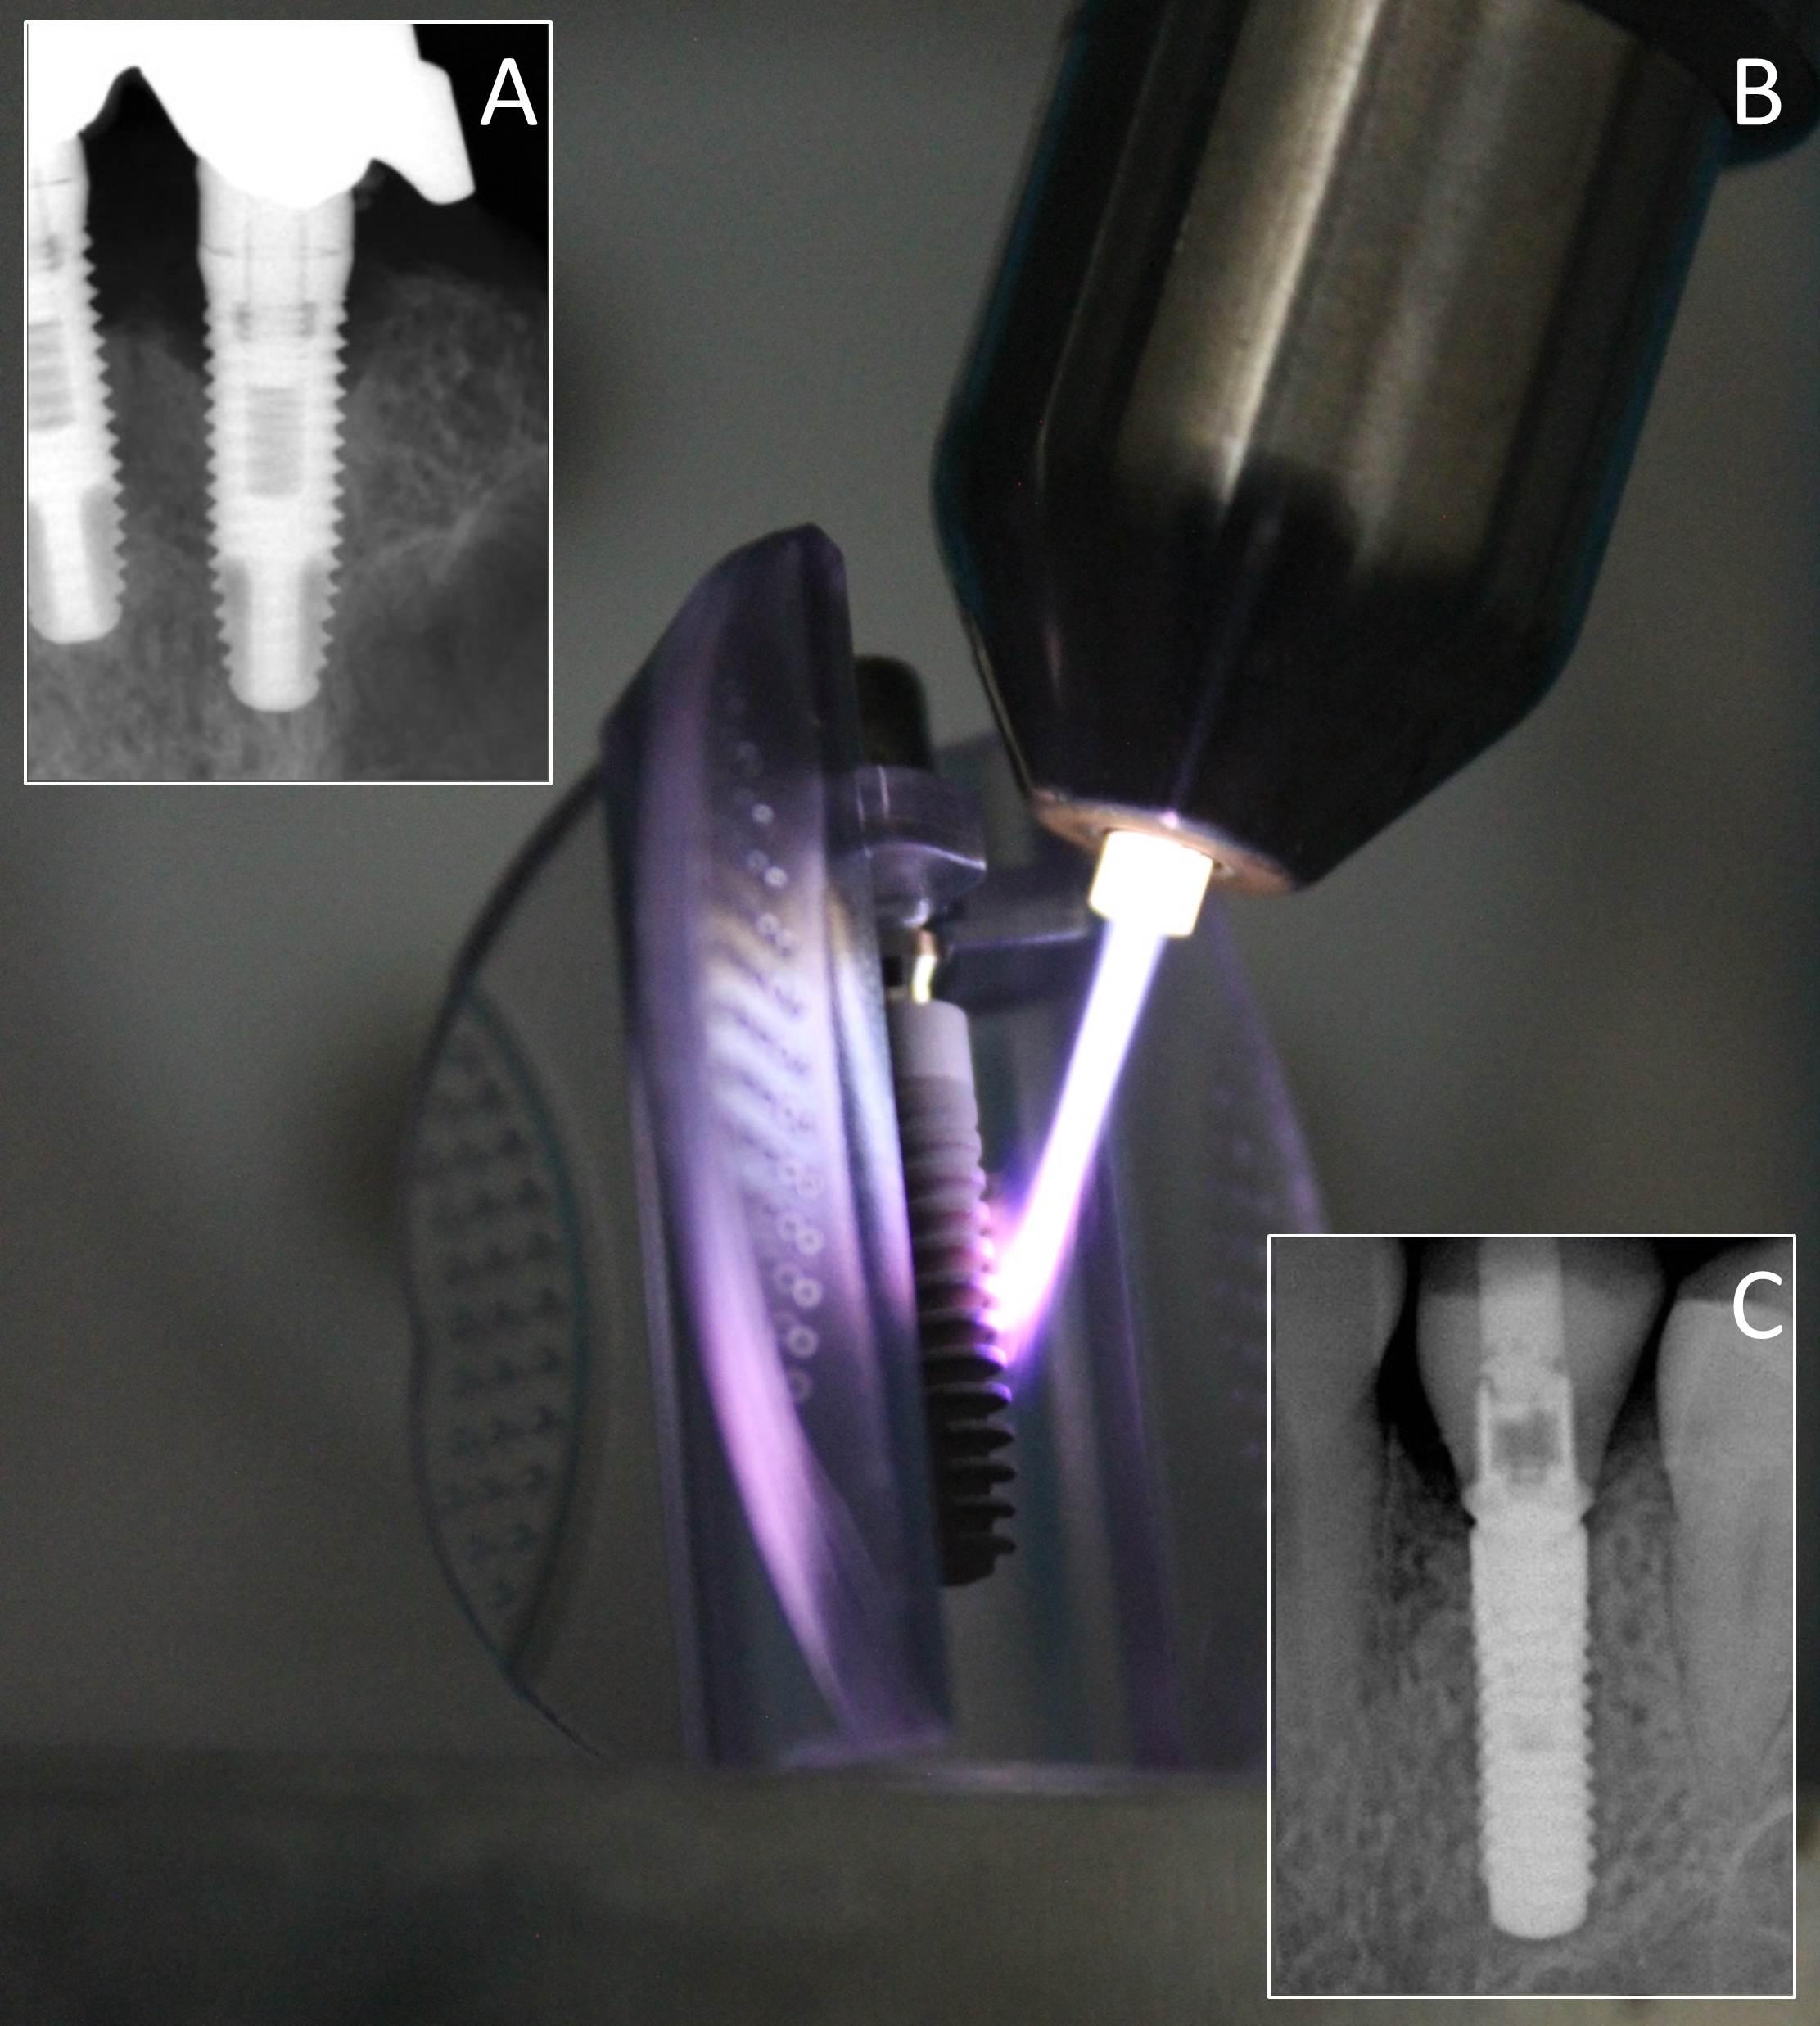 3 Aufnahmen zeigen Zahnimplantat mit Knochendefekt, während und nach erfolgreicher Behandlung